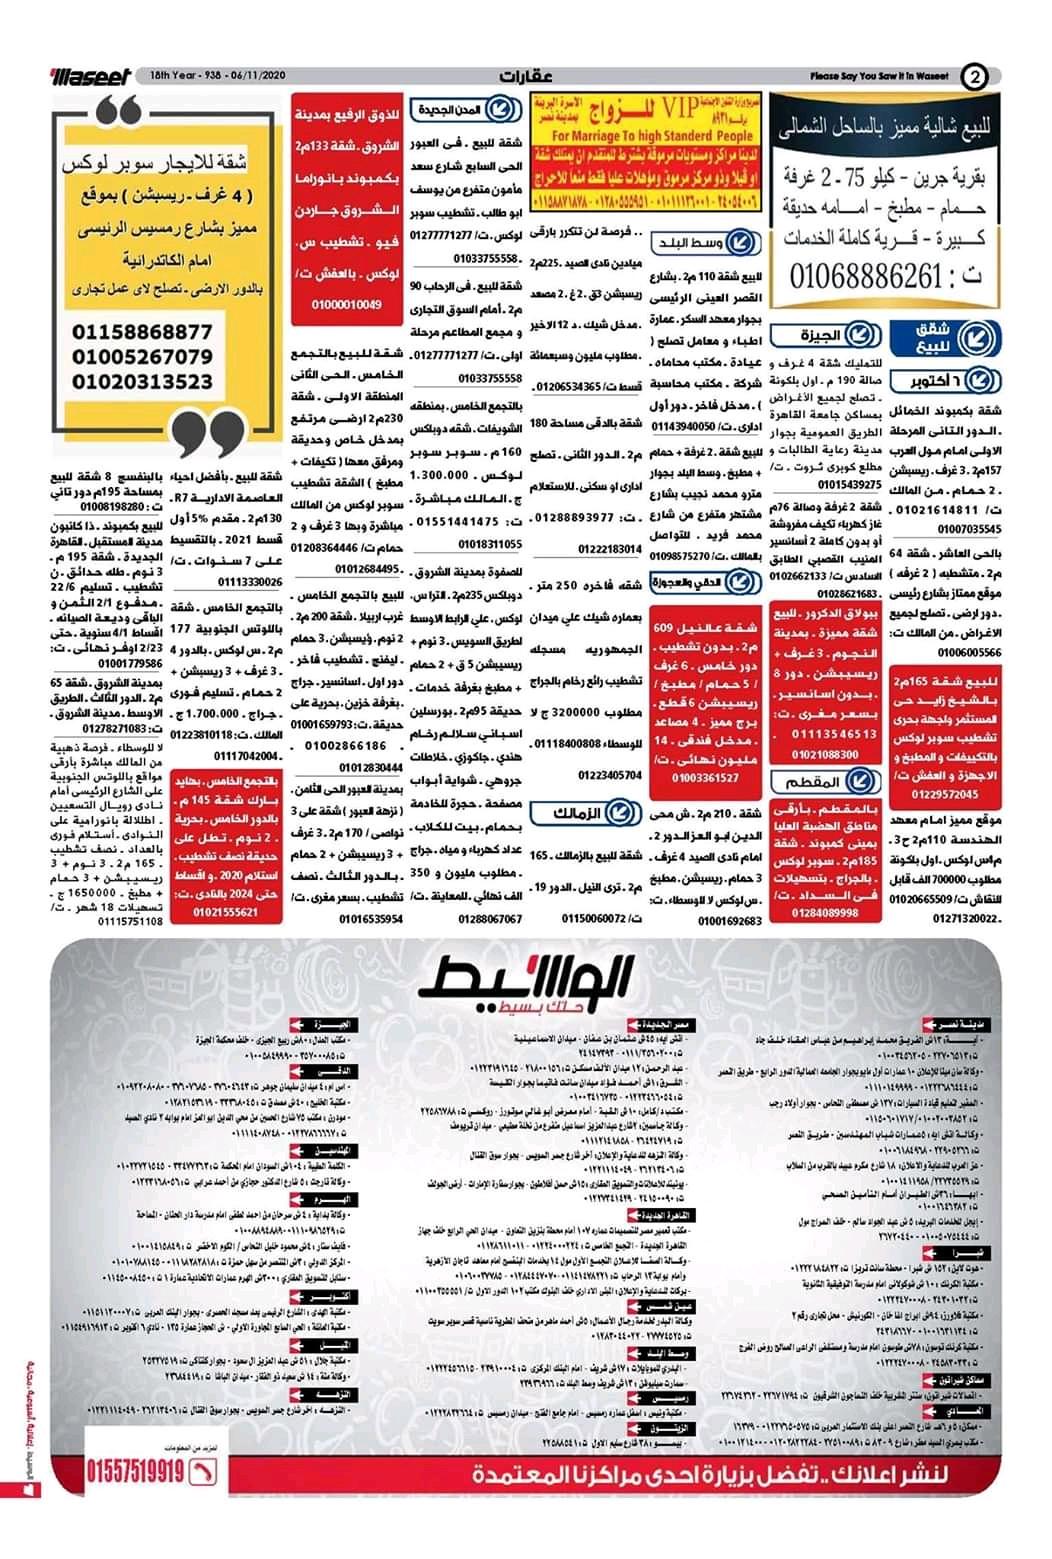 وظائف الوسيط و اعلانات مصر الجمعه 6 نوفمبر 2020